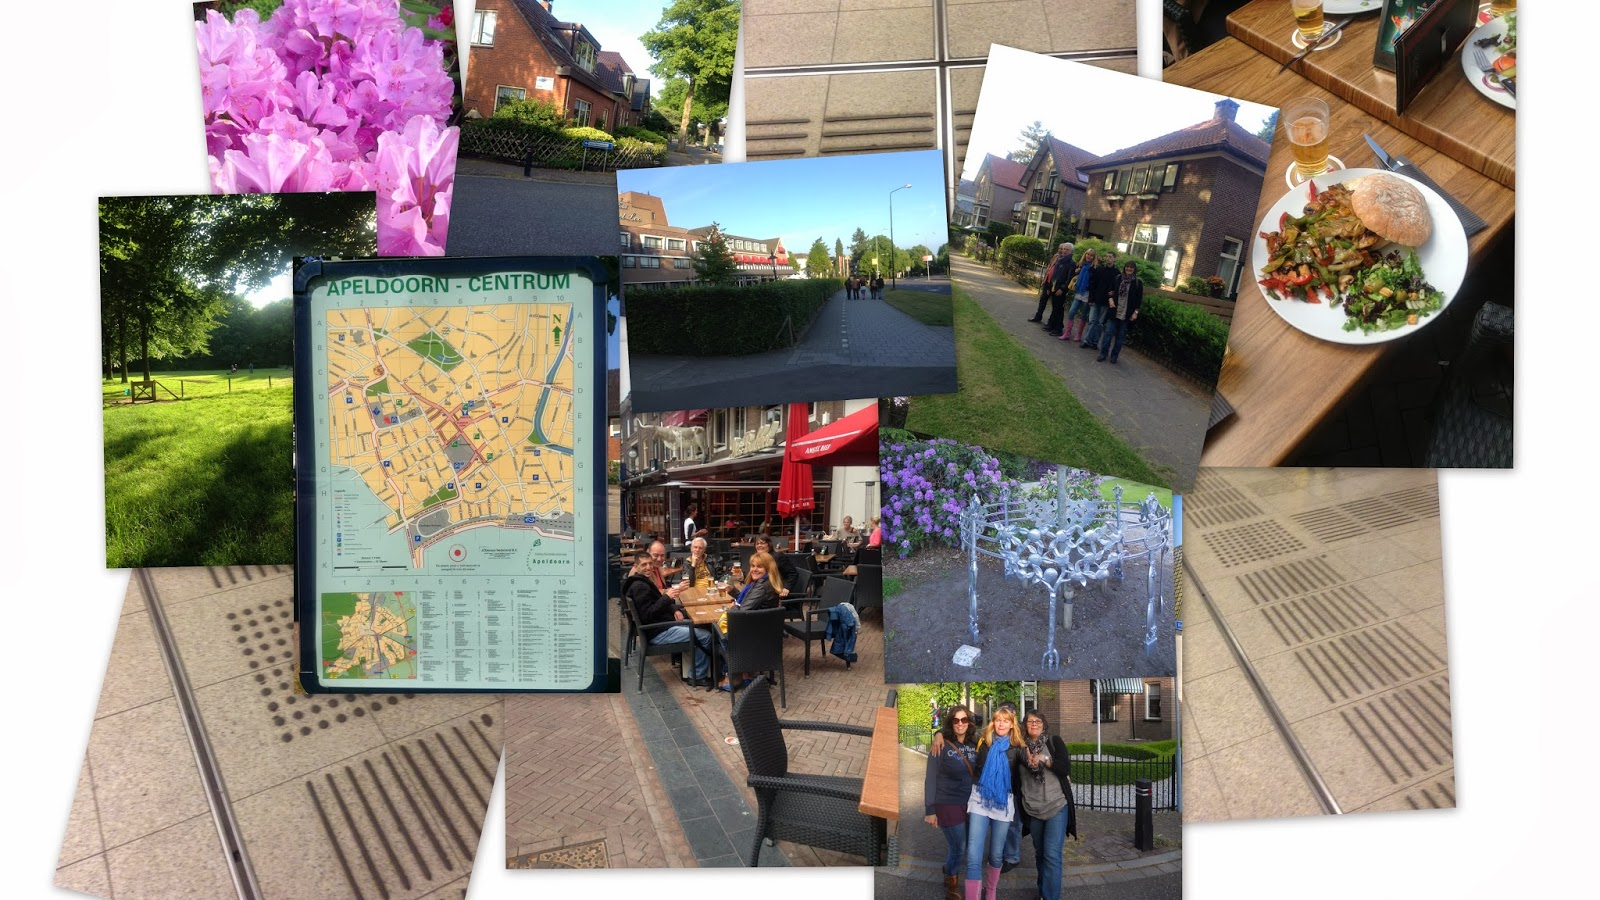 Colagens de fotografias do dia da chegada aos Países Baixos